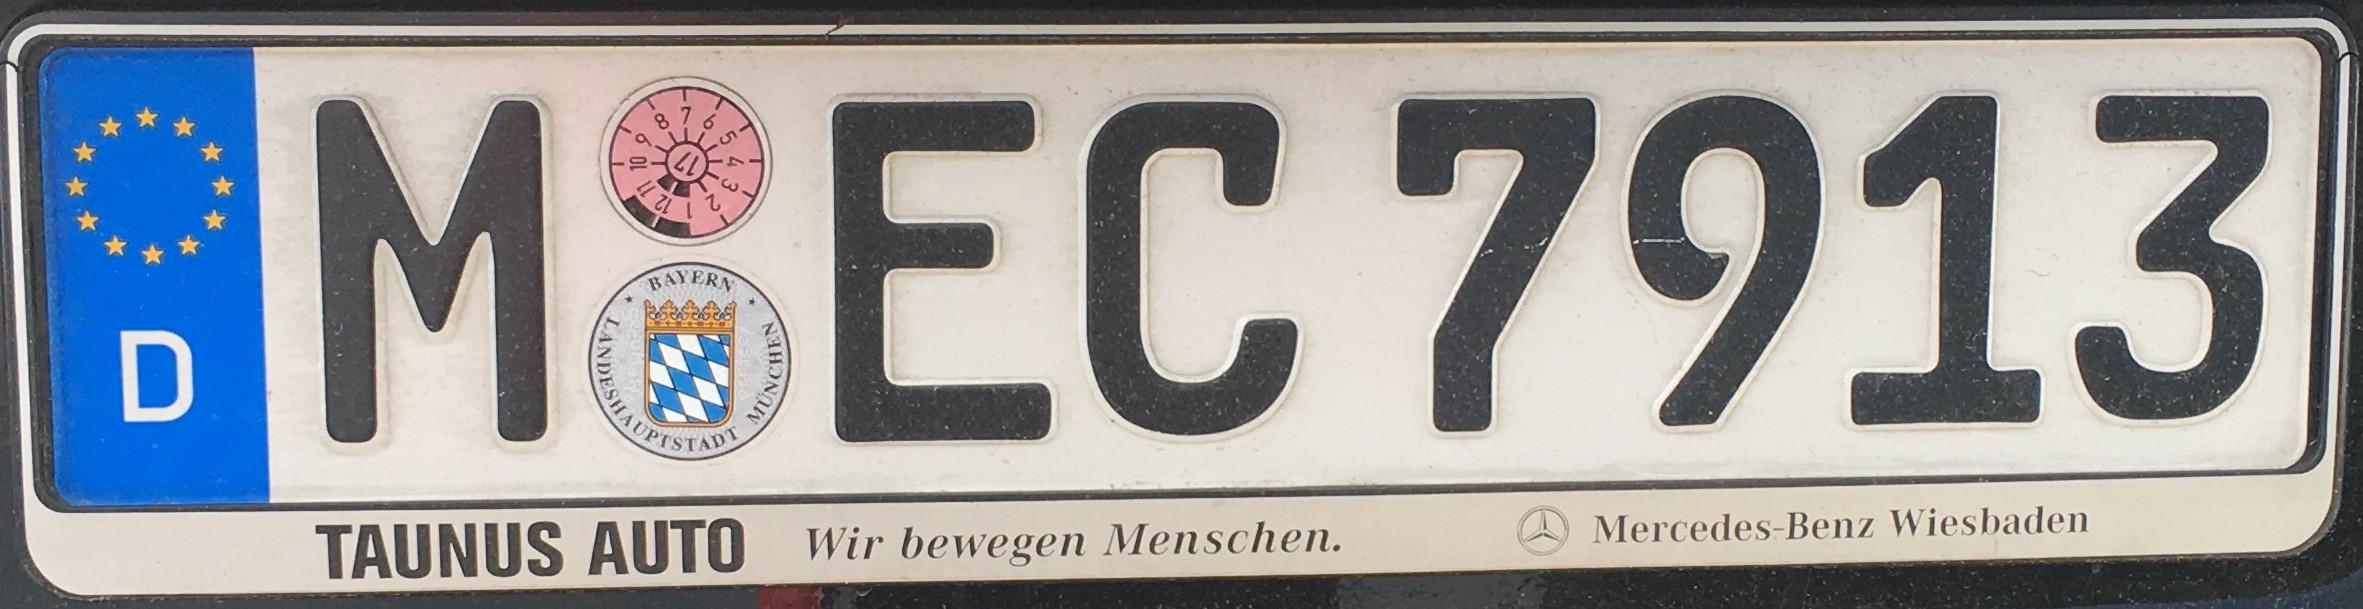 Registrační značky Německo - M - München, foto: vlastní